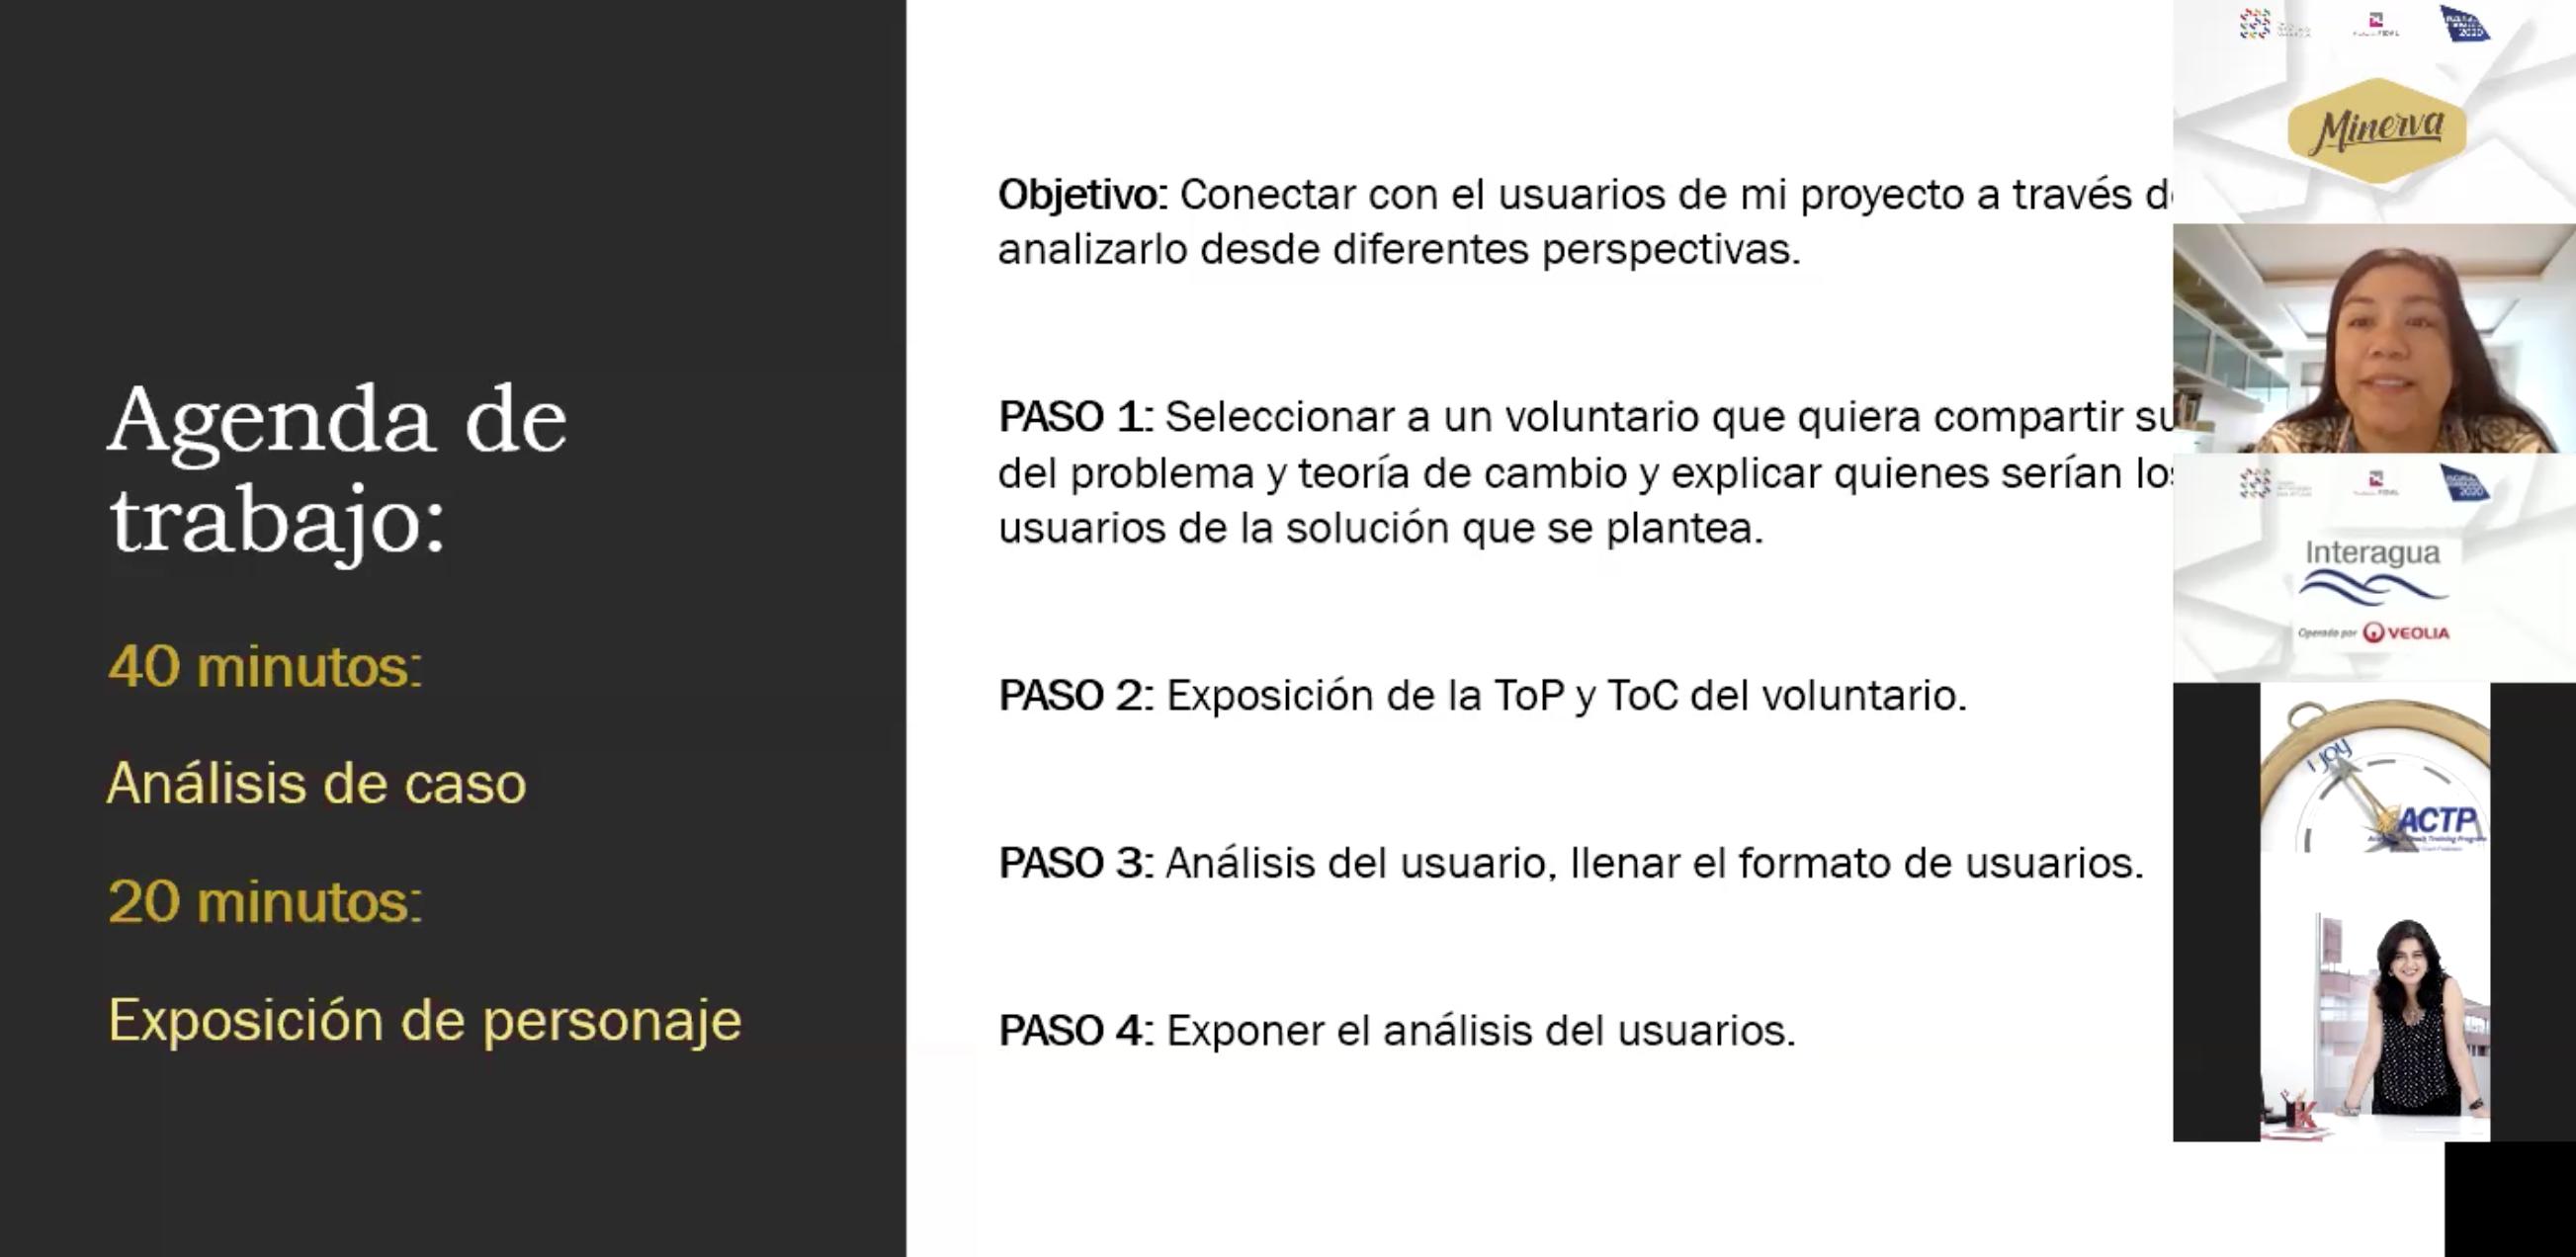 Captura de Pantalla 2020-09-27 a la(s) 1